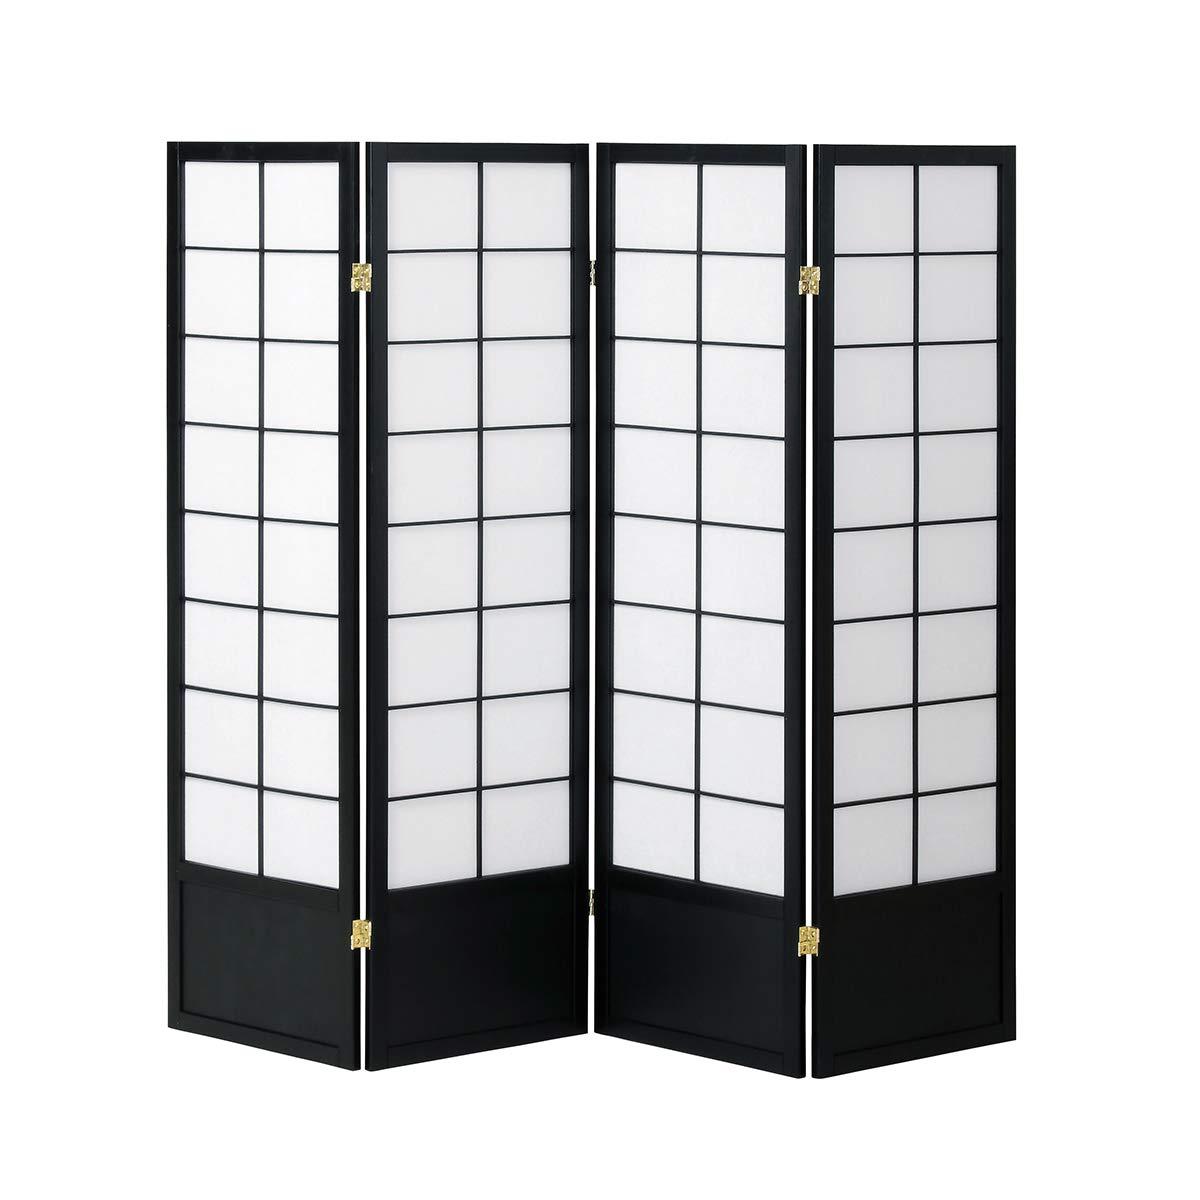 BEATON JAPAN パーティション 4連 衝立 間仕切り 和風 パーテーション 和室 (ブラック, 高さ150㎝) B07GBSBM9Q ブラック 高さ150㎝